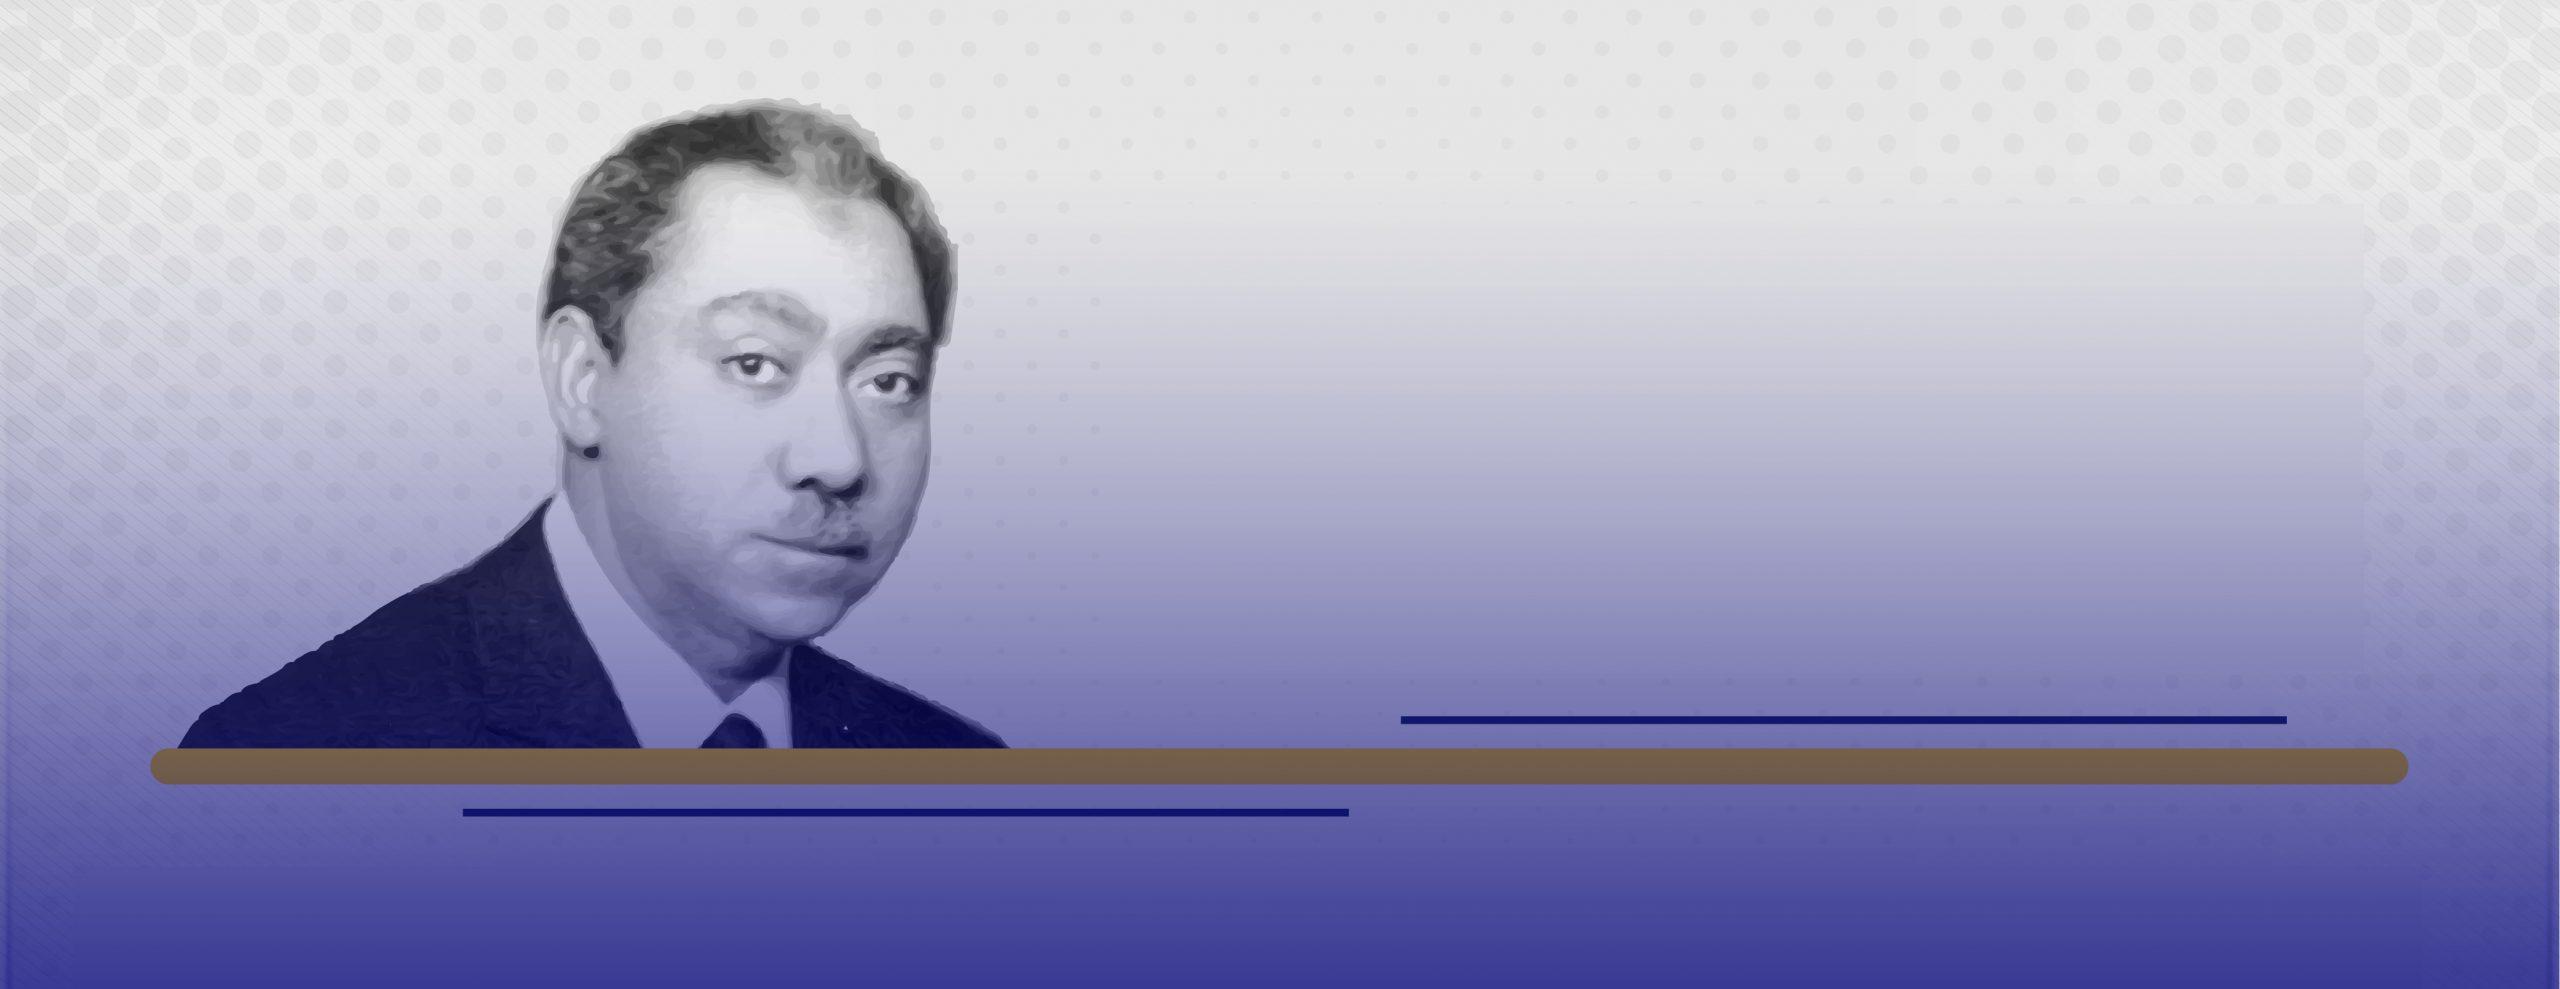 نظرية التغيير الاجتماعي والسياسي  عند سيد قطب